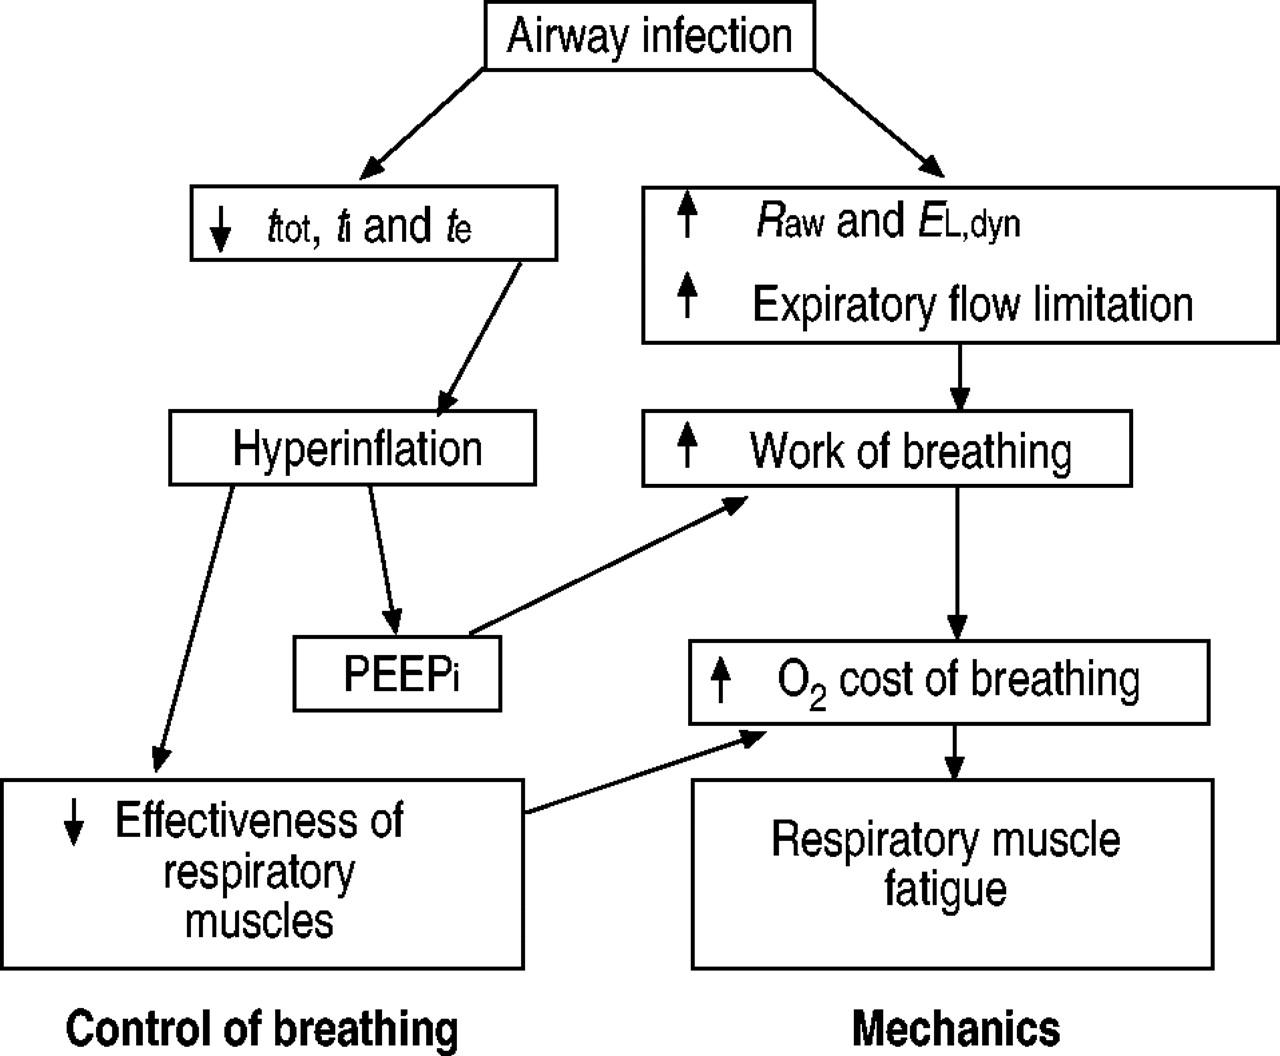 respiratory failure | european respiratory society, Skeleton